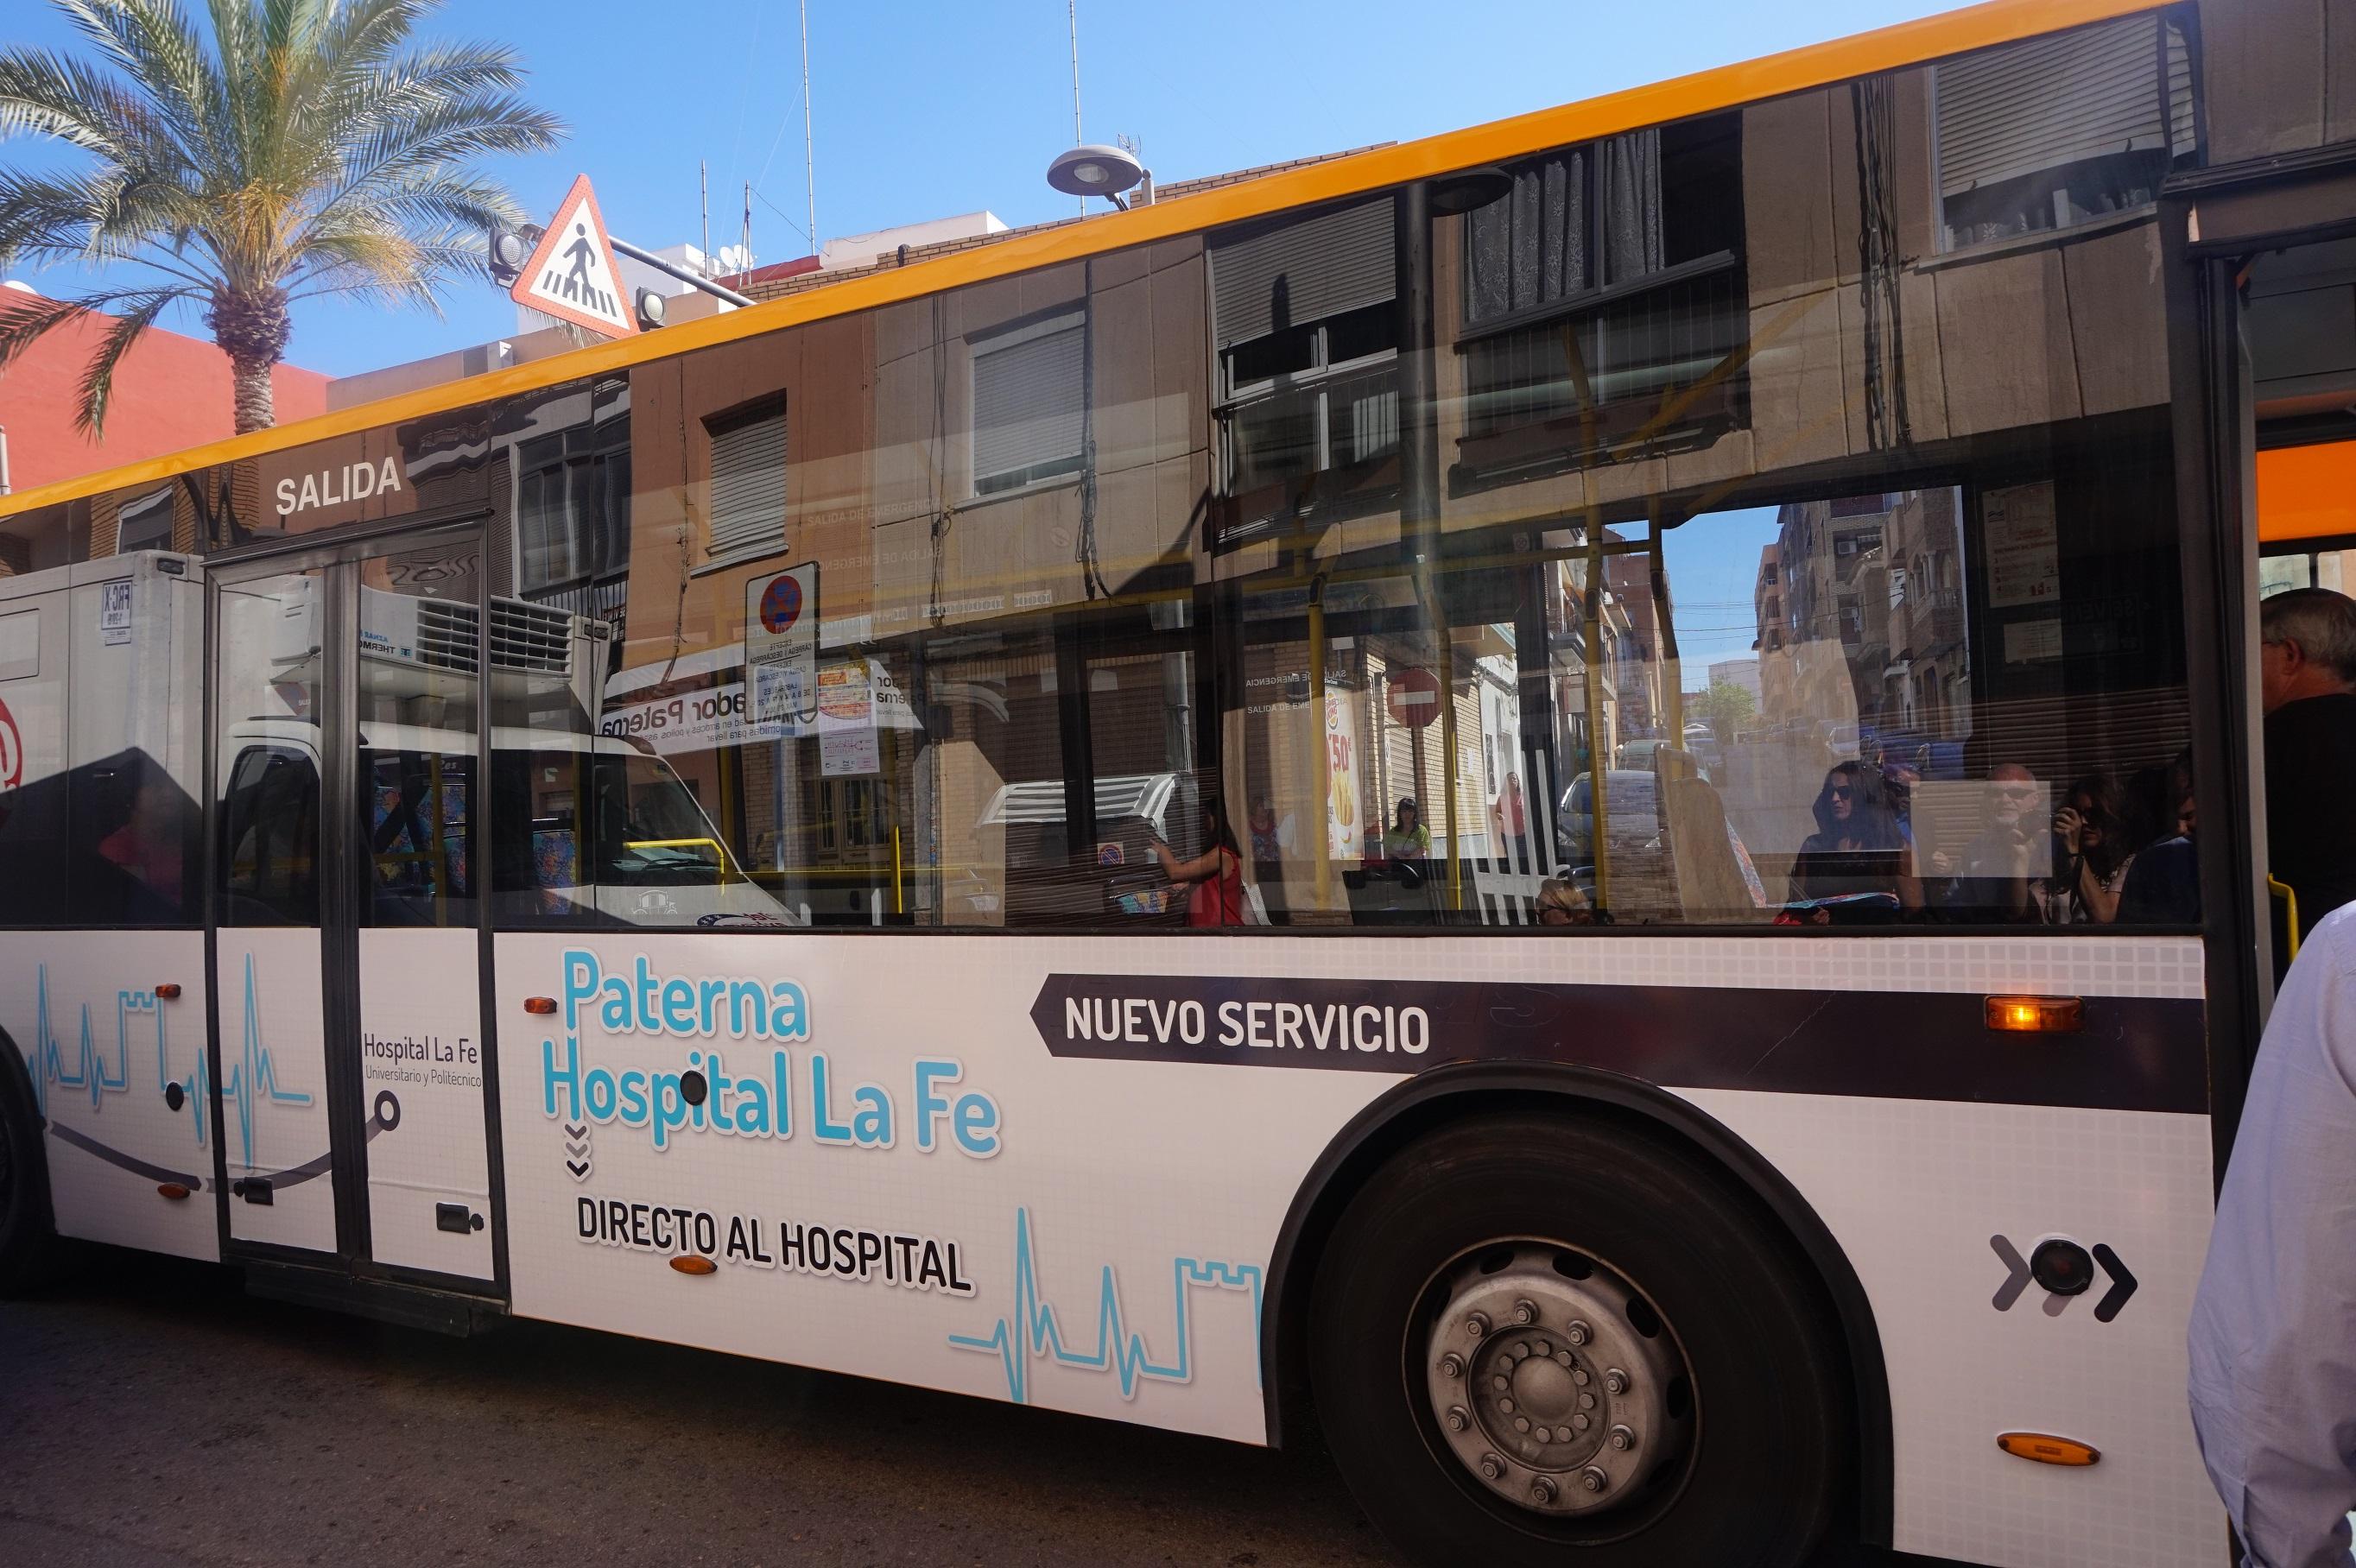 El bus de paterna a la fe cumple un a o con viajeros - El tiempo en paterna valencia ...